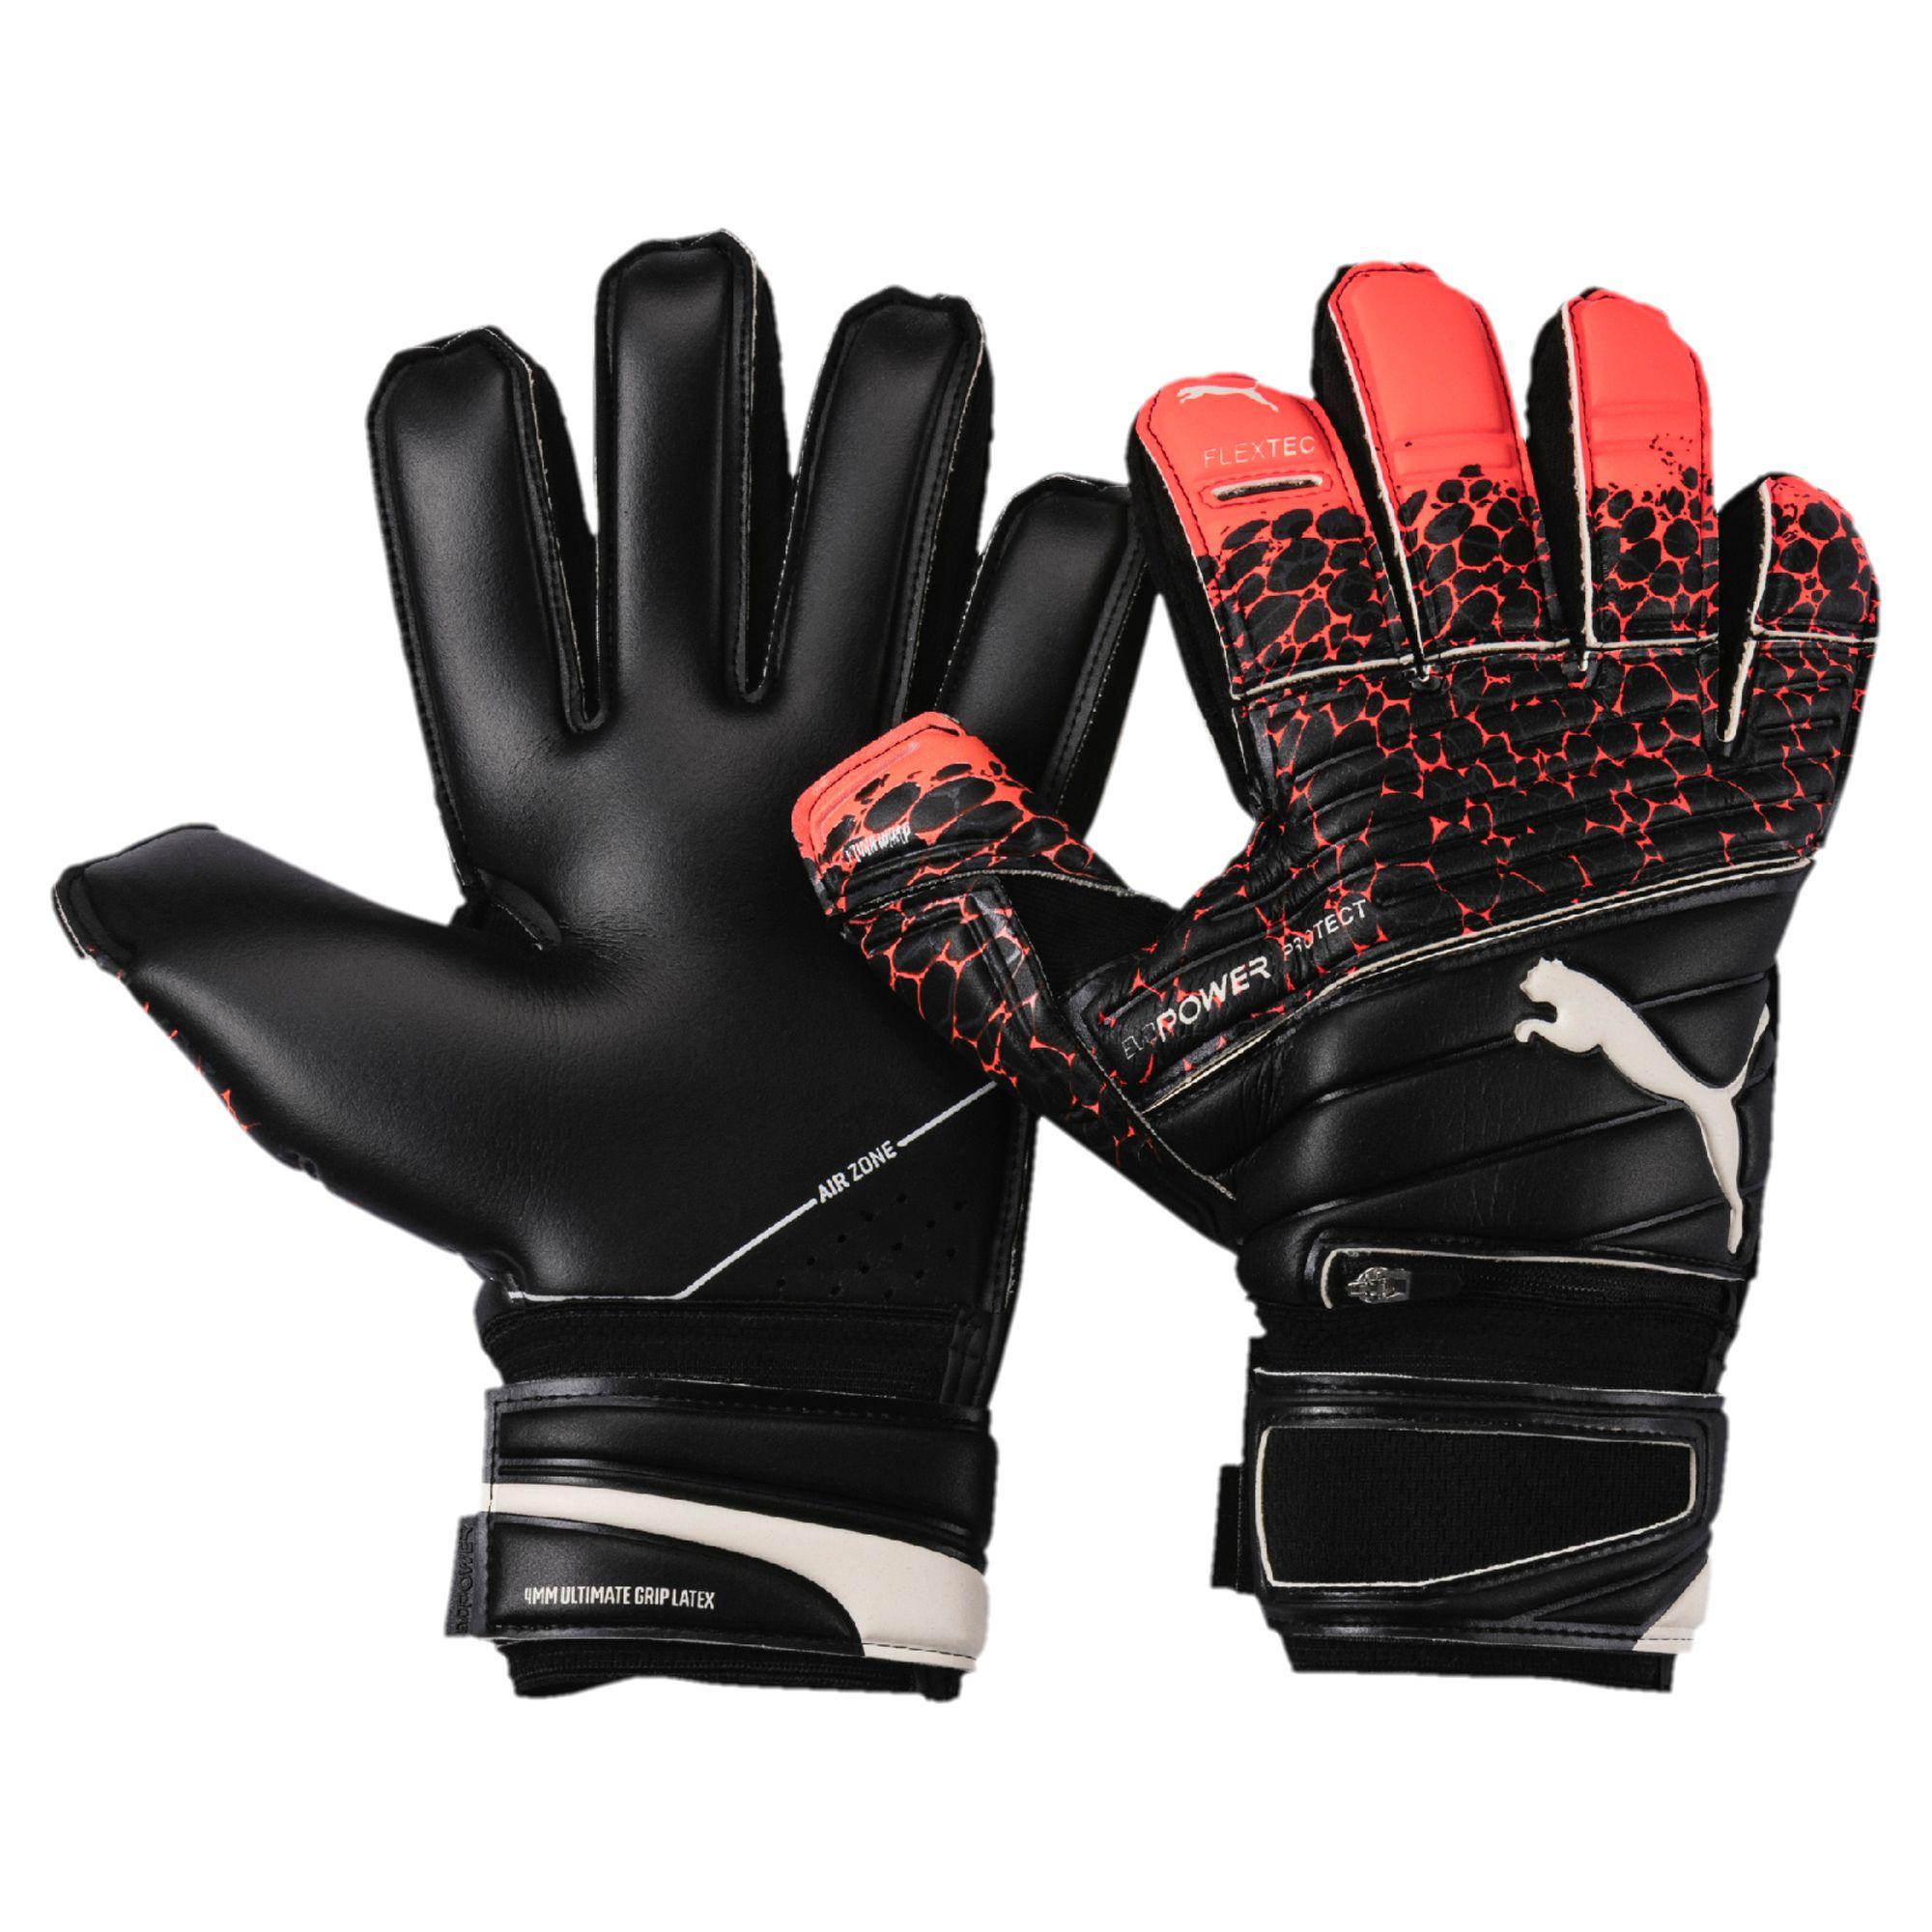 evoPOWER Protect 1.3 футбольный вратарь перчатки